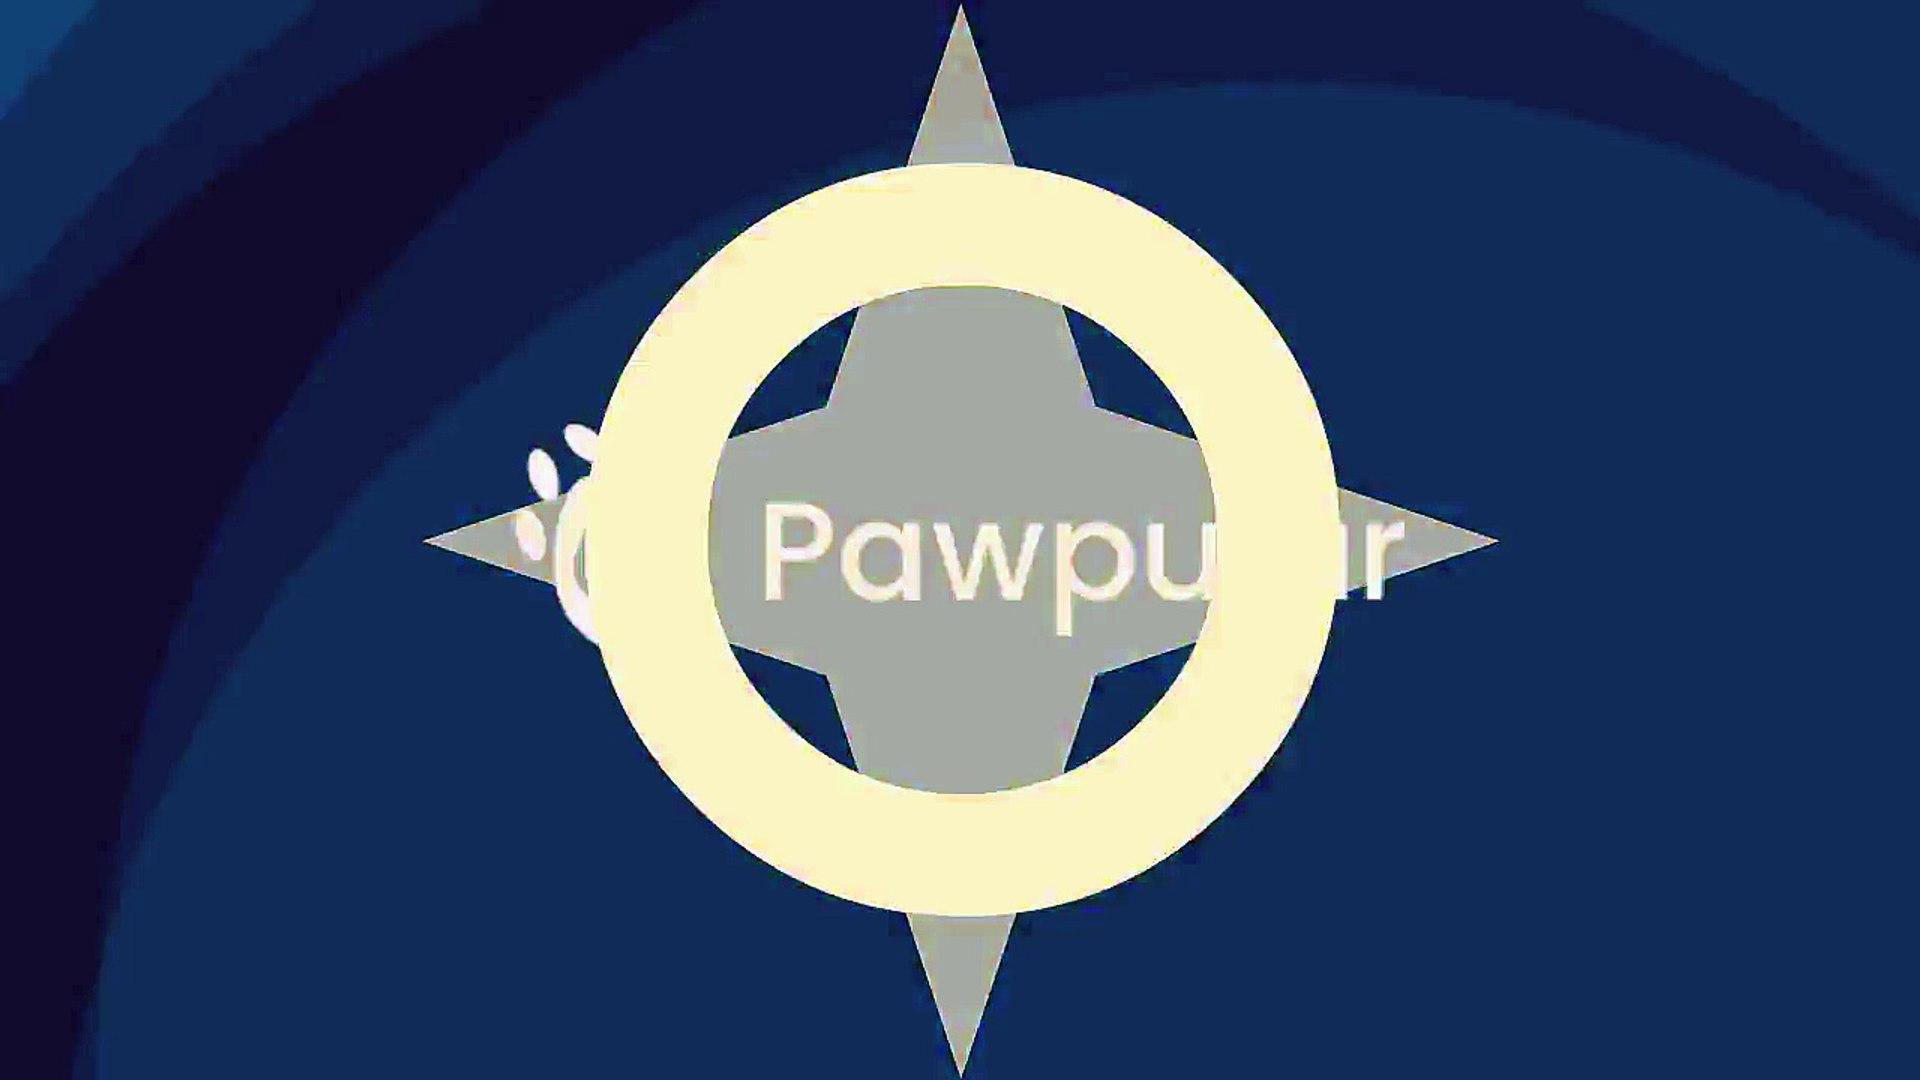 Pawpular - Pet Sitting,Dog Walking,Dog Boarding,Pet  Adoption,Pet Finder,Pet Social